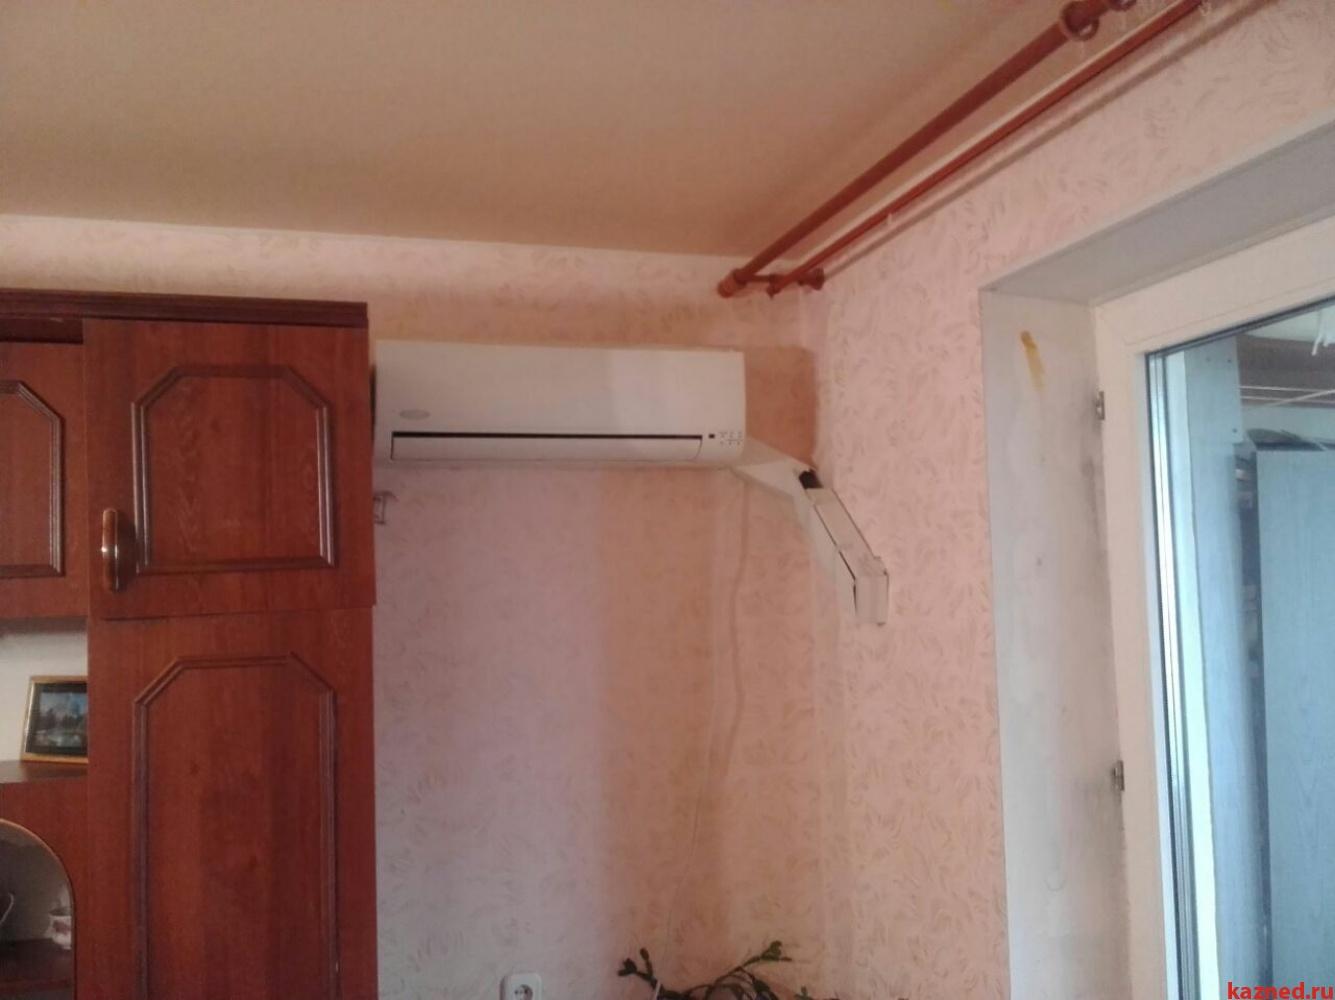 Продажа 2-к квартиры Бирюзовая, д.9, 60 м²  (миниатюра №5)